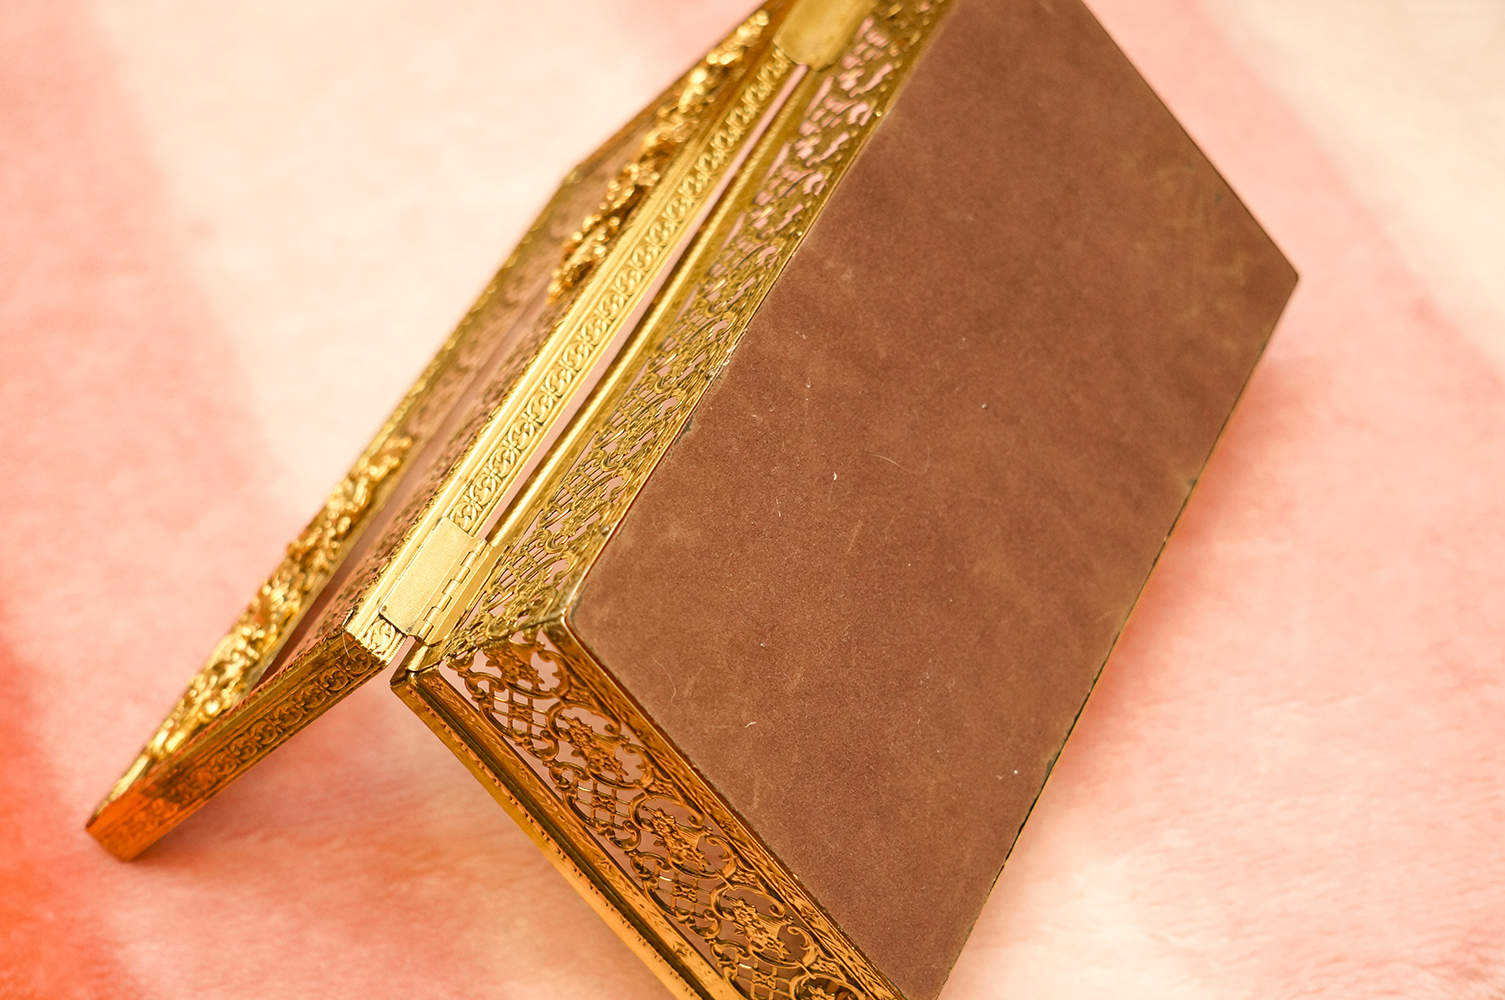 マトソン製 ゴールド ポピー ティッシュボックス 裏側